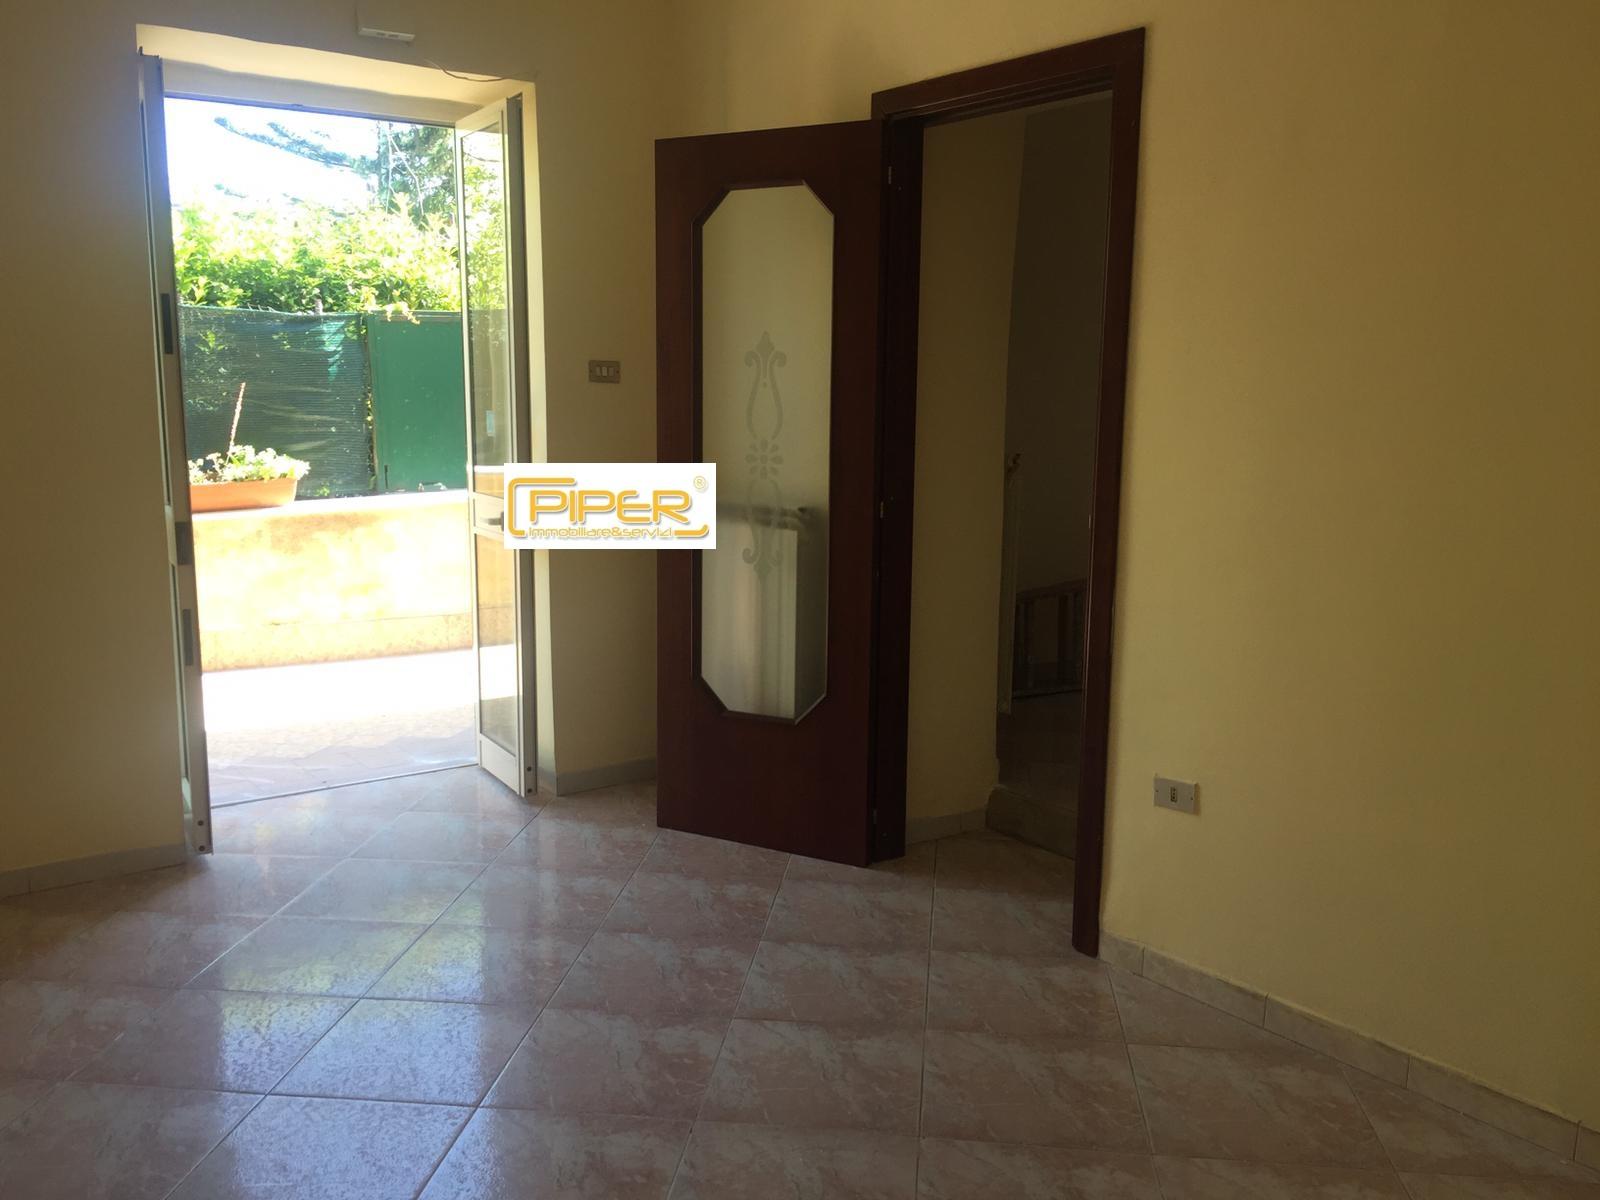 Appartamento in affitto a Quarto, 4 locali, prezzo € 500 | CambioCasa.it